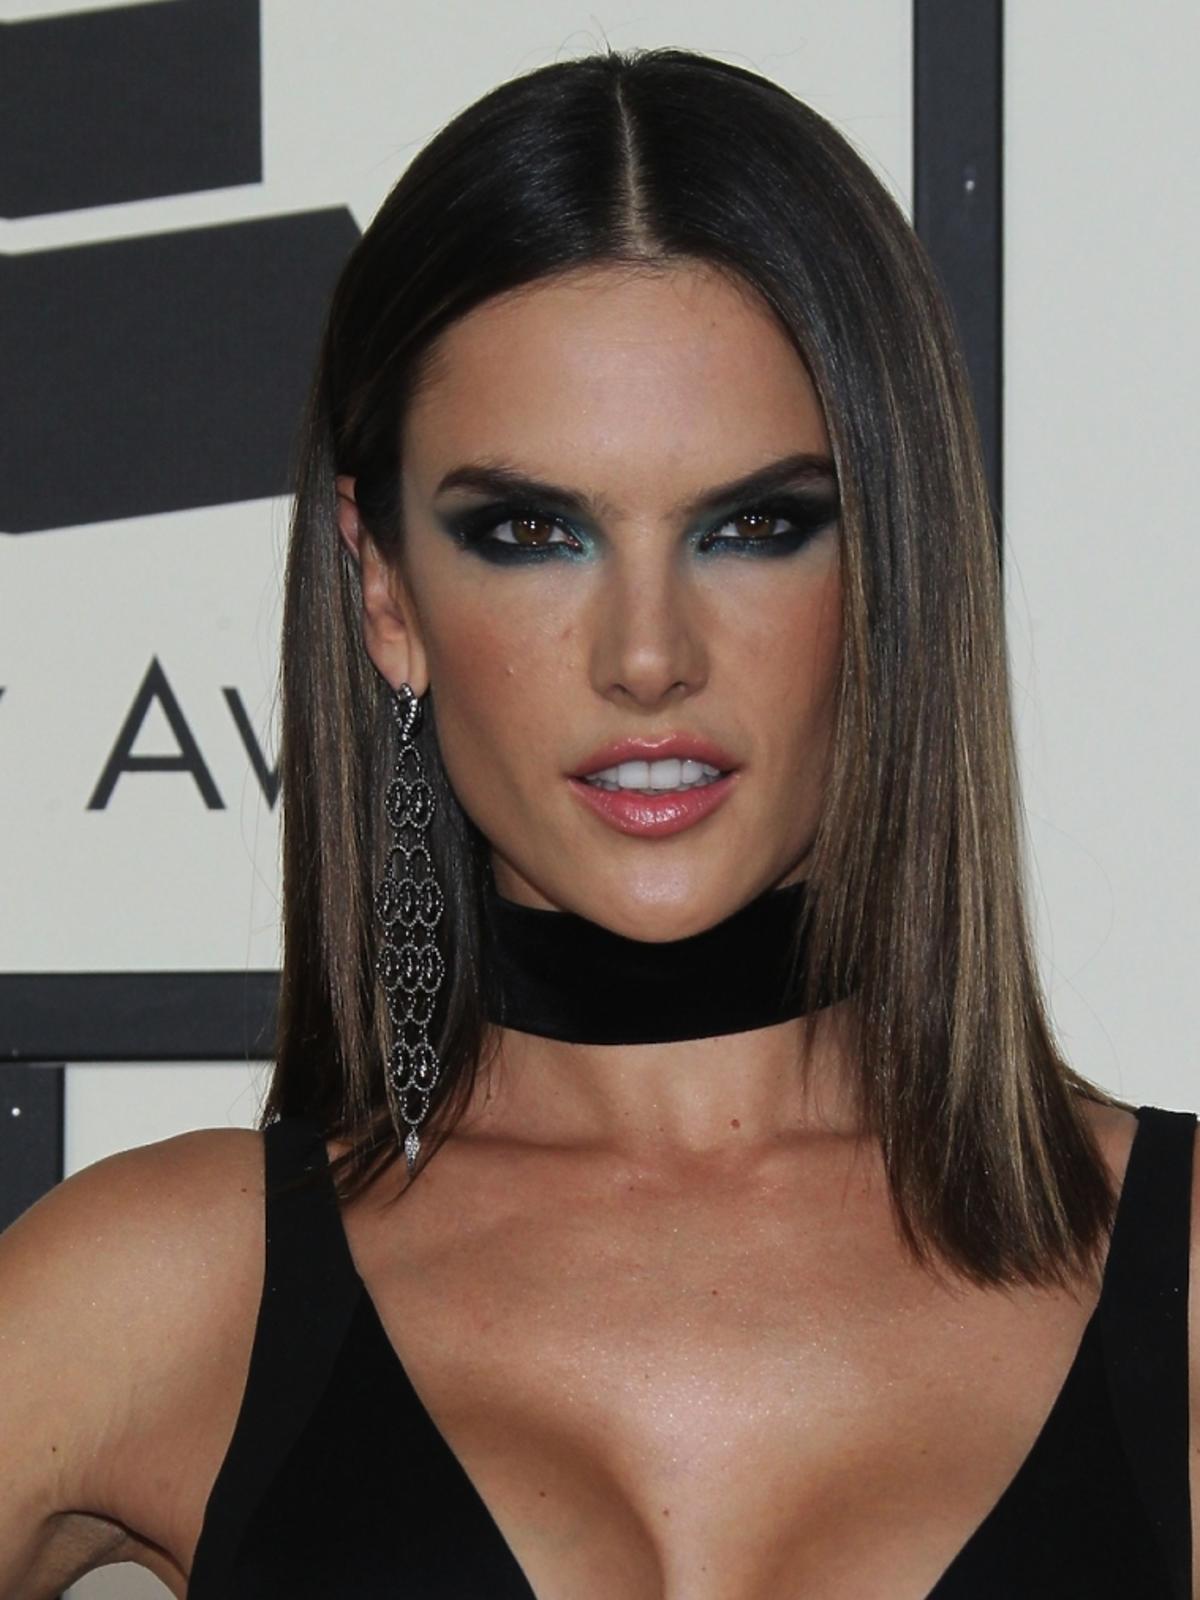 Alessandra Ambrosio w sukience z dużym dekoltem i mocnym makijażu oczu